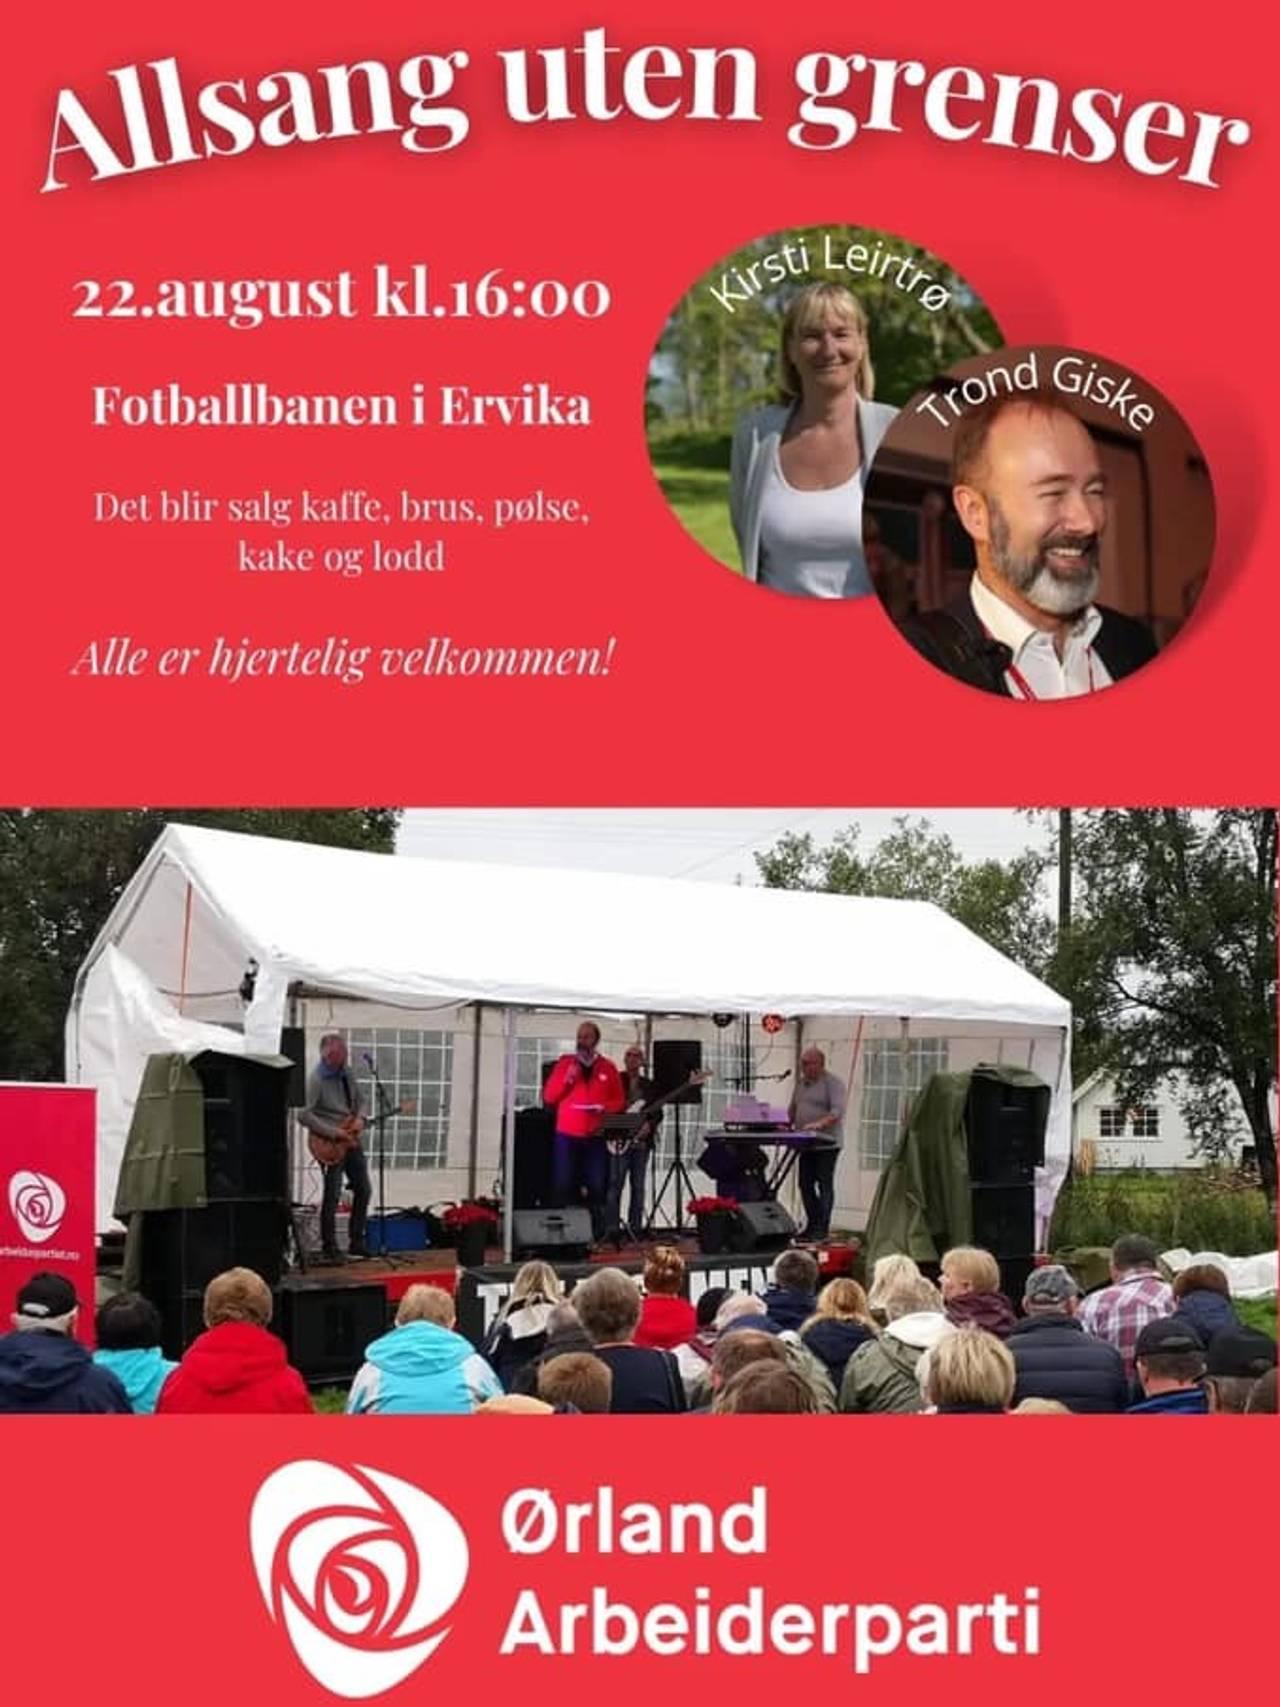 Plakaten til Ørland Arbeiderpartis Allsang uten grenser med Trond Giske